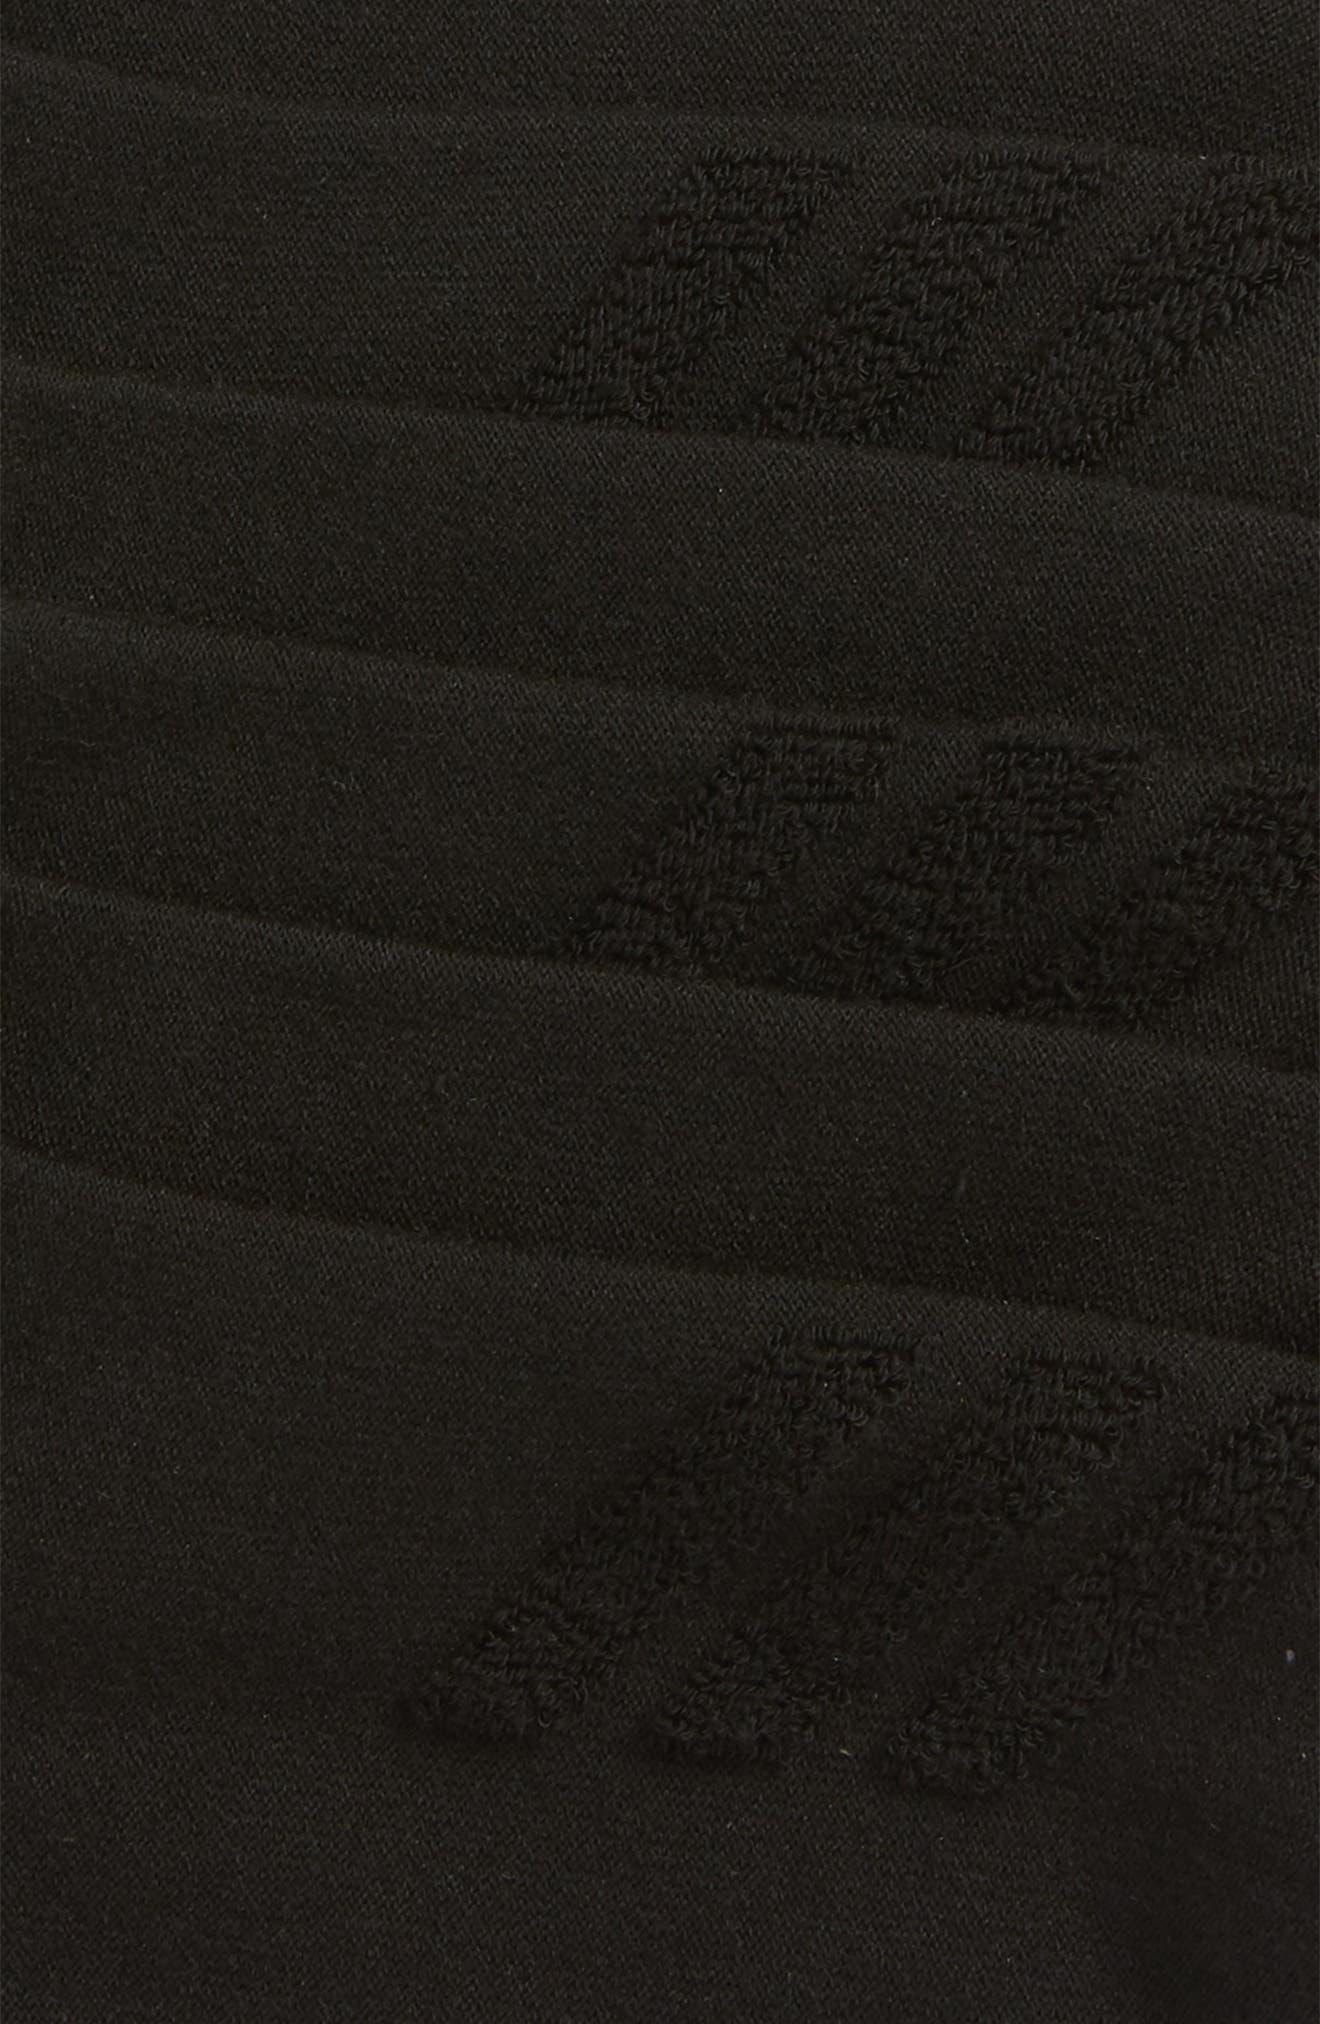 3-Pack Ankle Socks,                             Alternate thumbnail 2, color,                             001